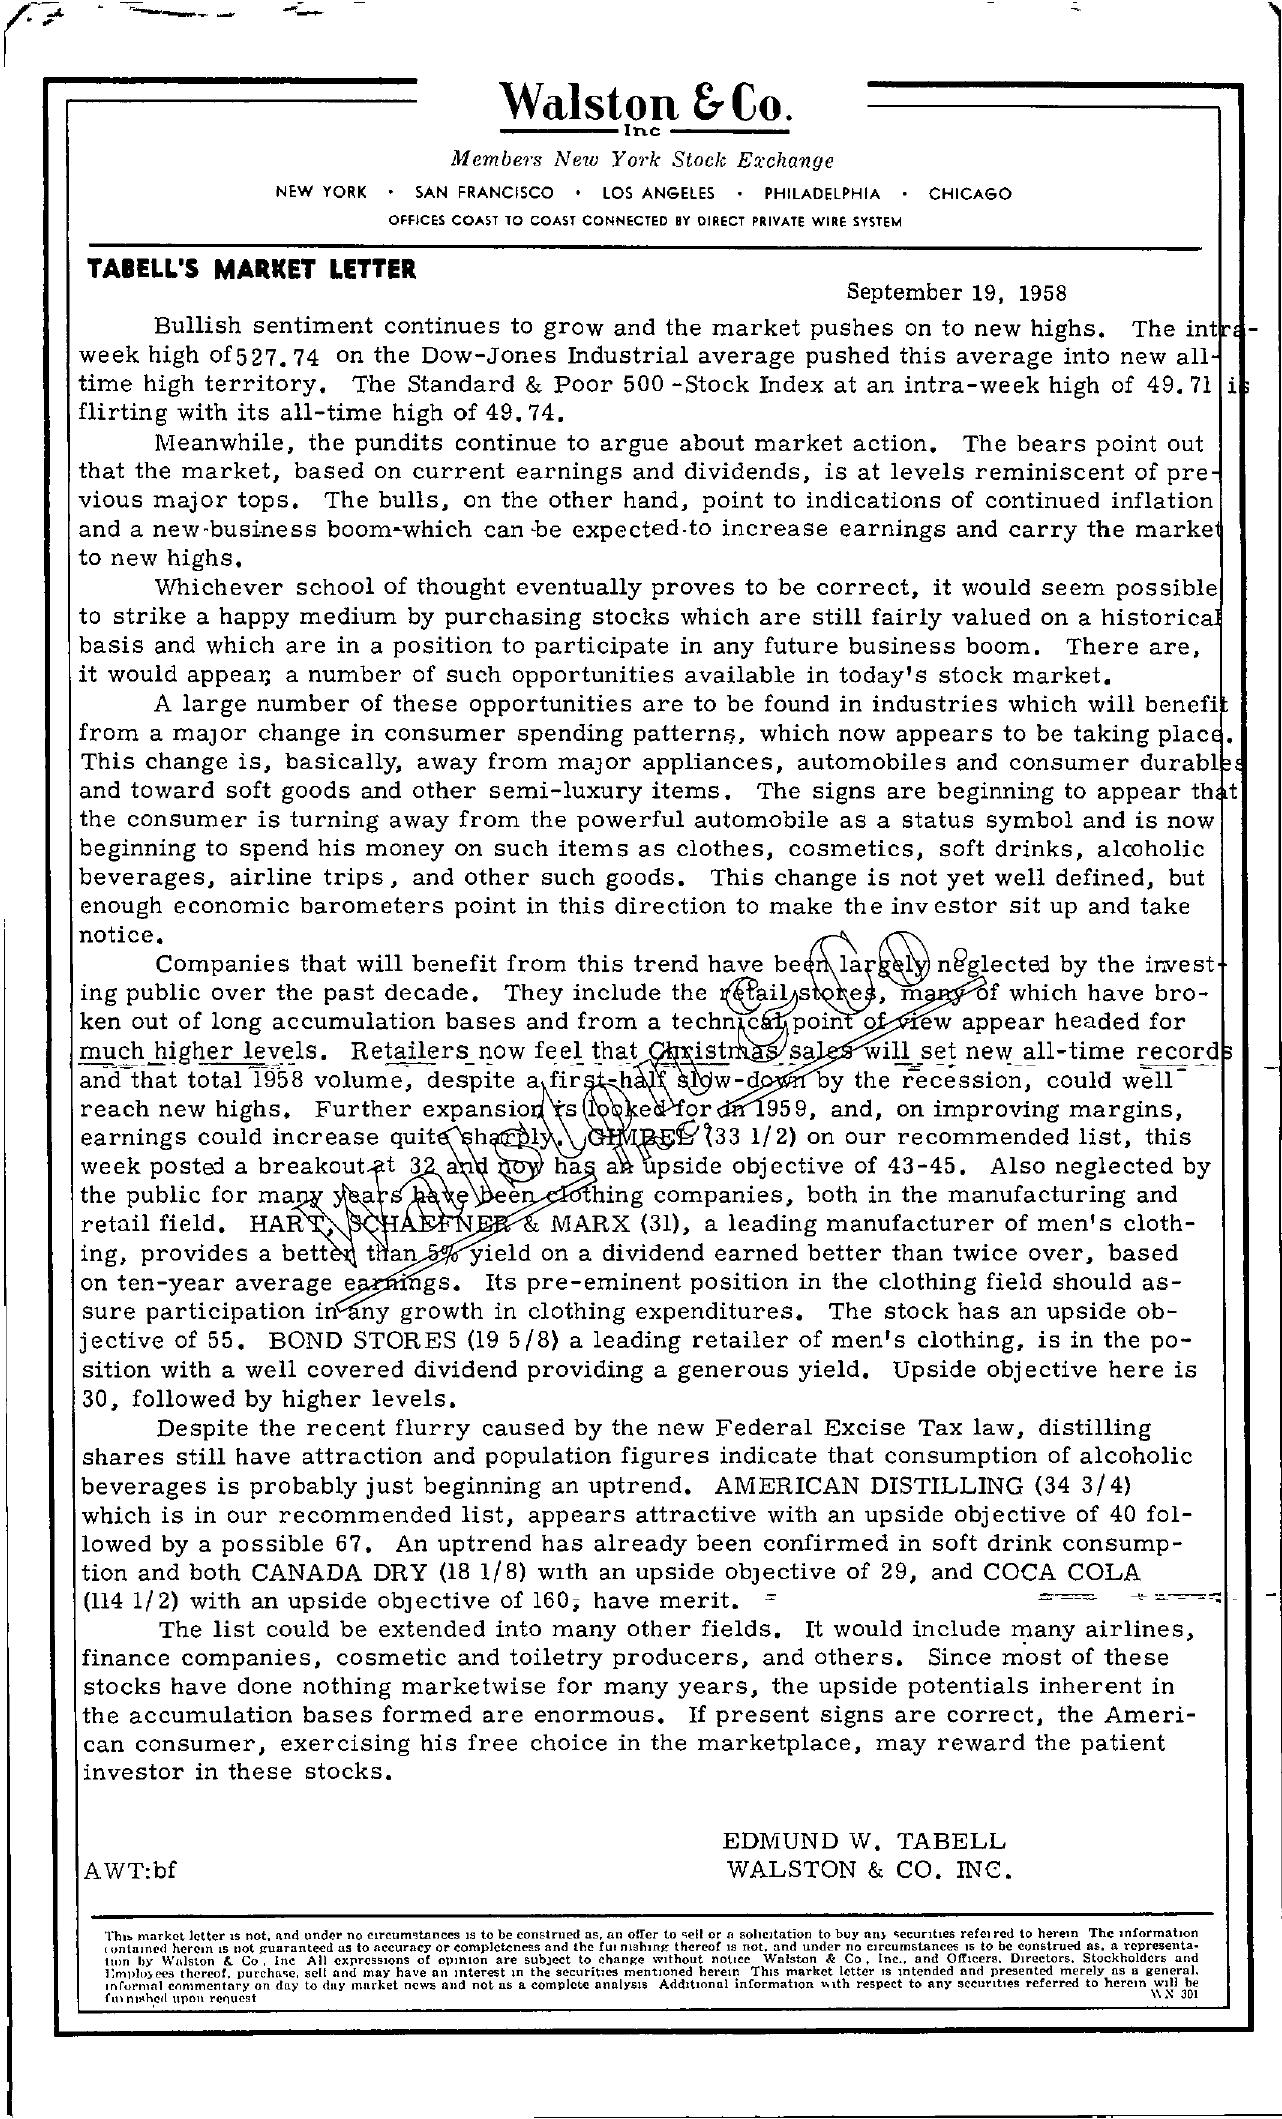 Tabell's Market Letter - September 19, 1958